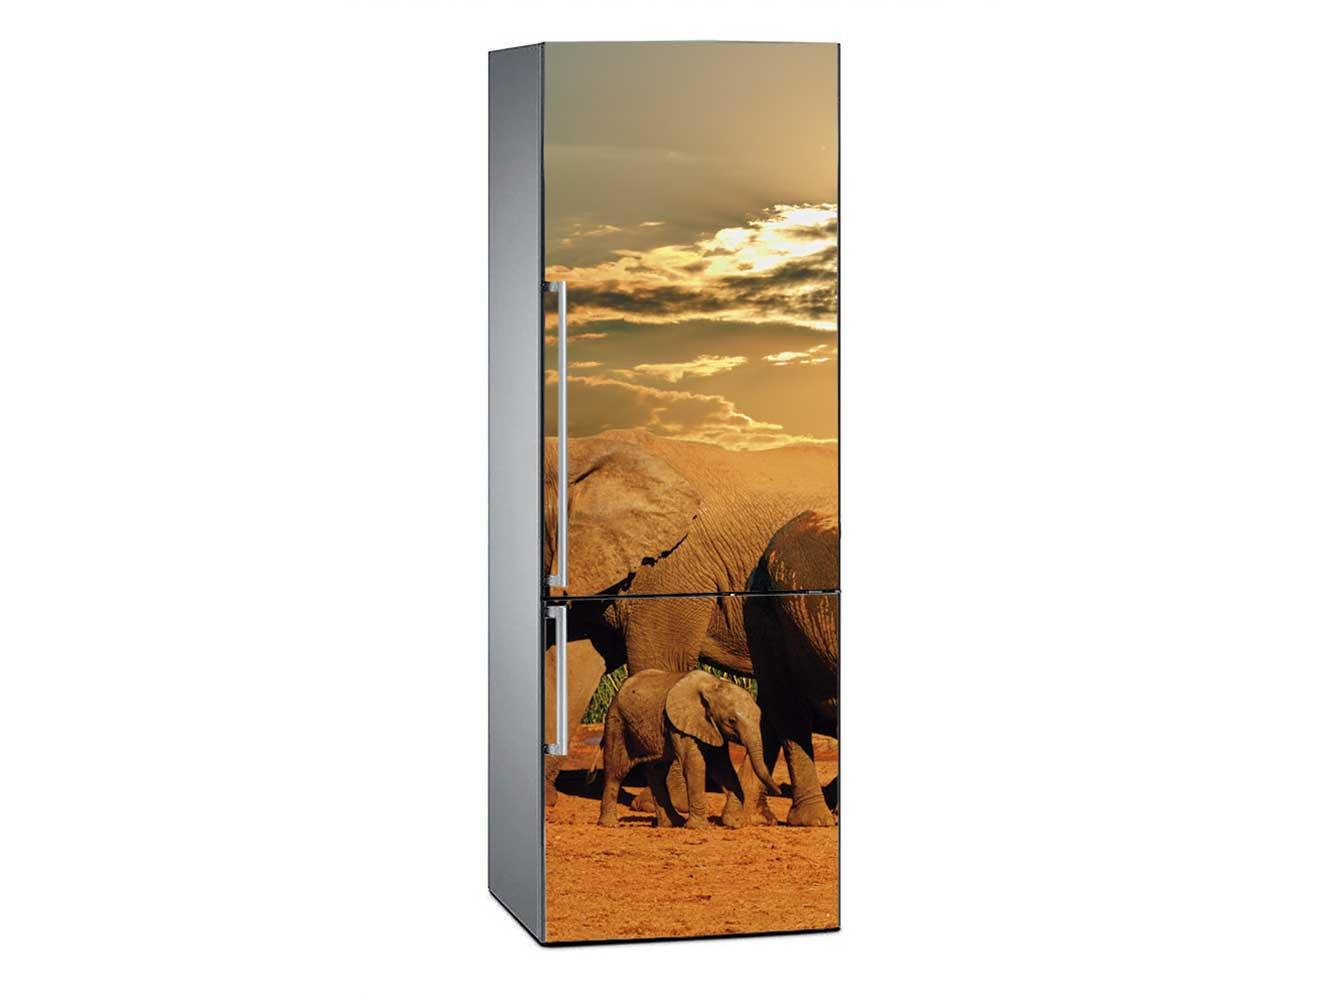 Vinilo Frigorífico Parque del Elefante Sudáfrica | Carteles XXL - Impresión carteleria publicitaria